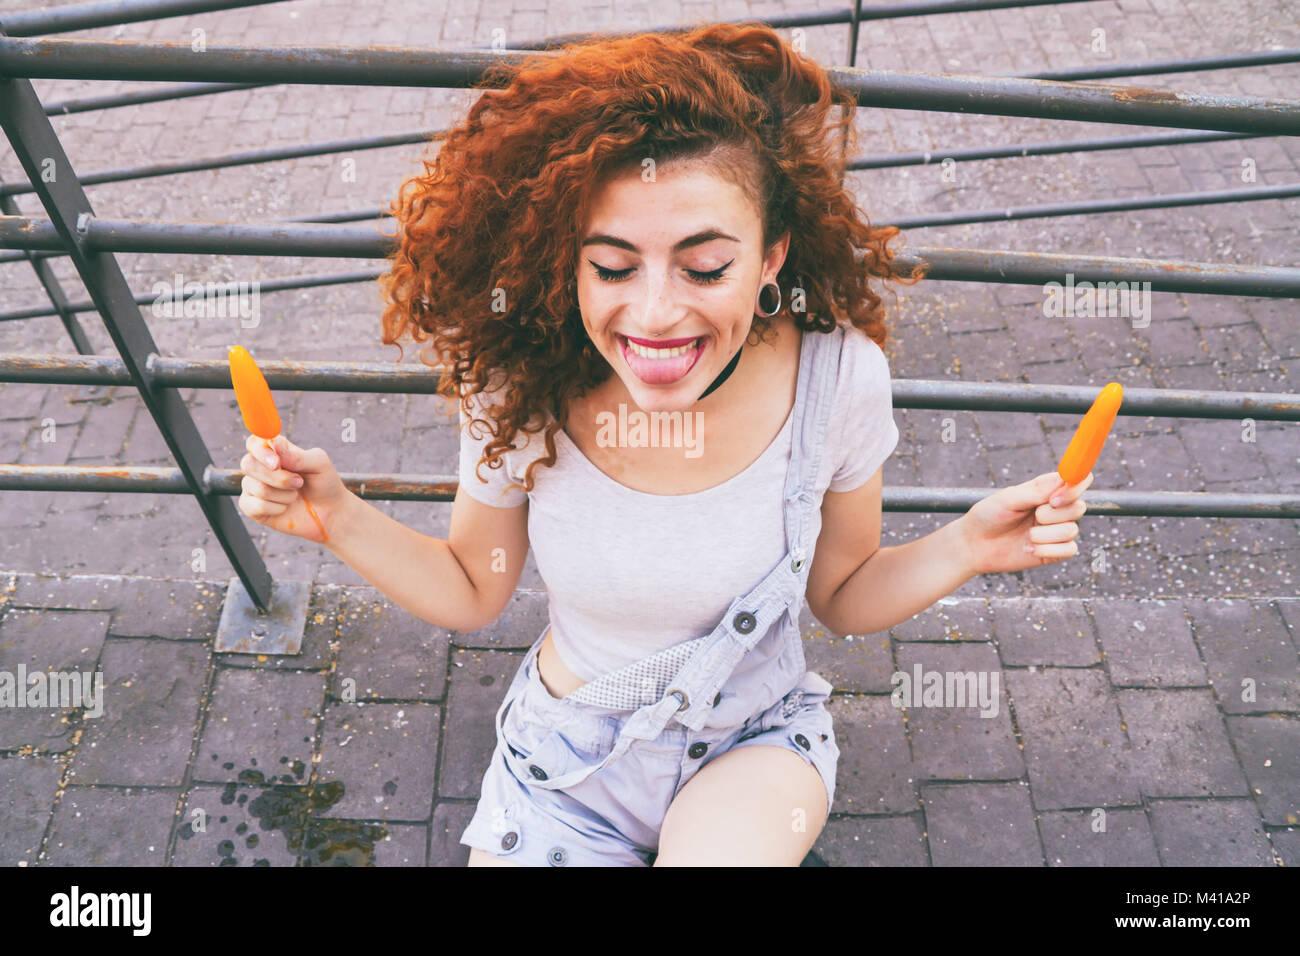 Joven pelirroja de comer helados en verano Imagen De Stock